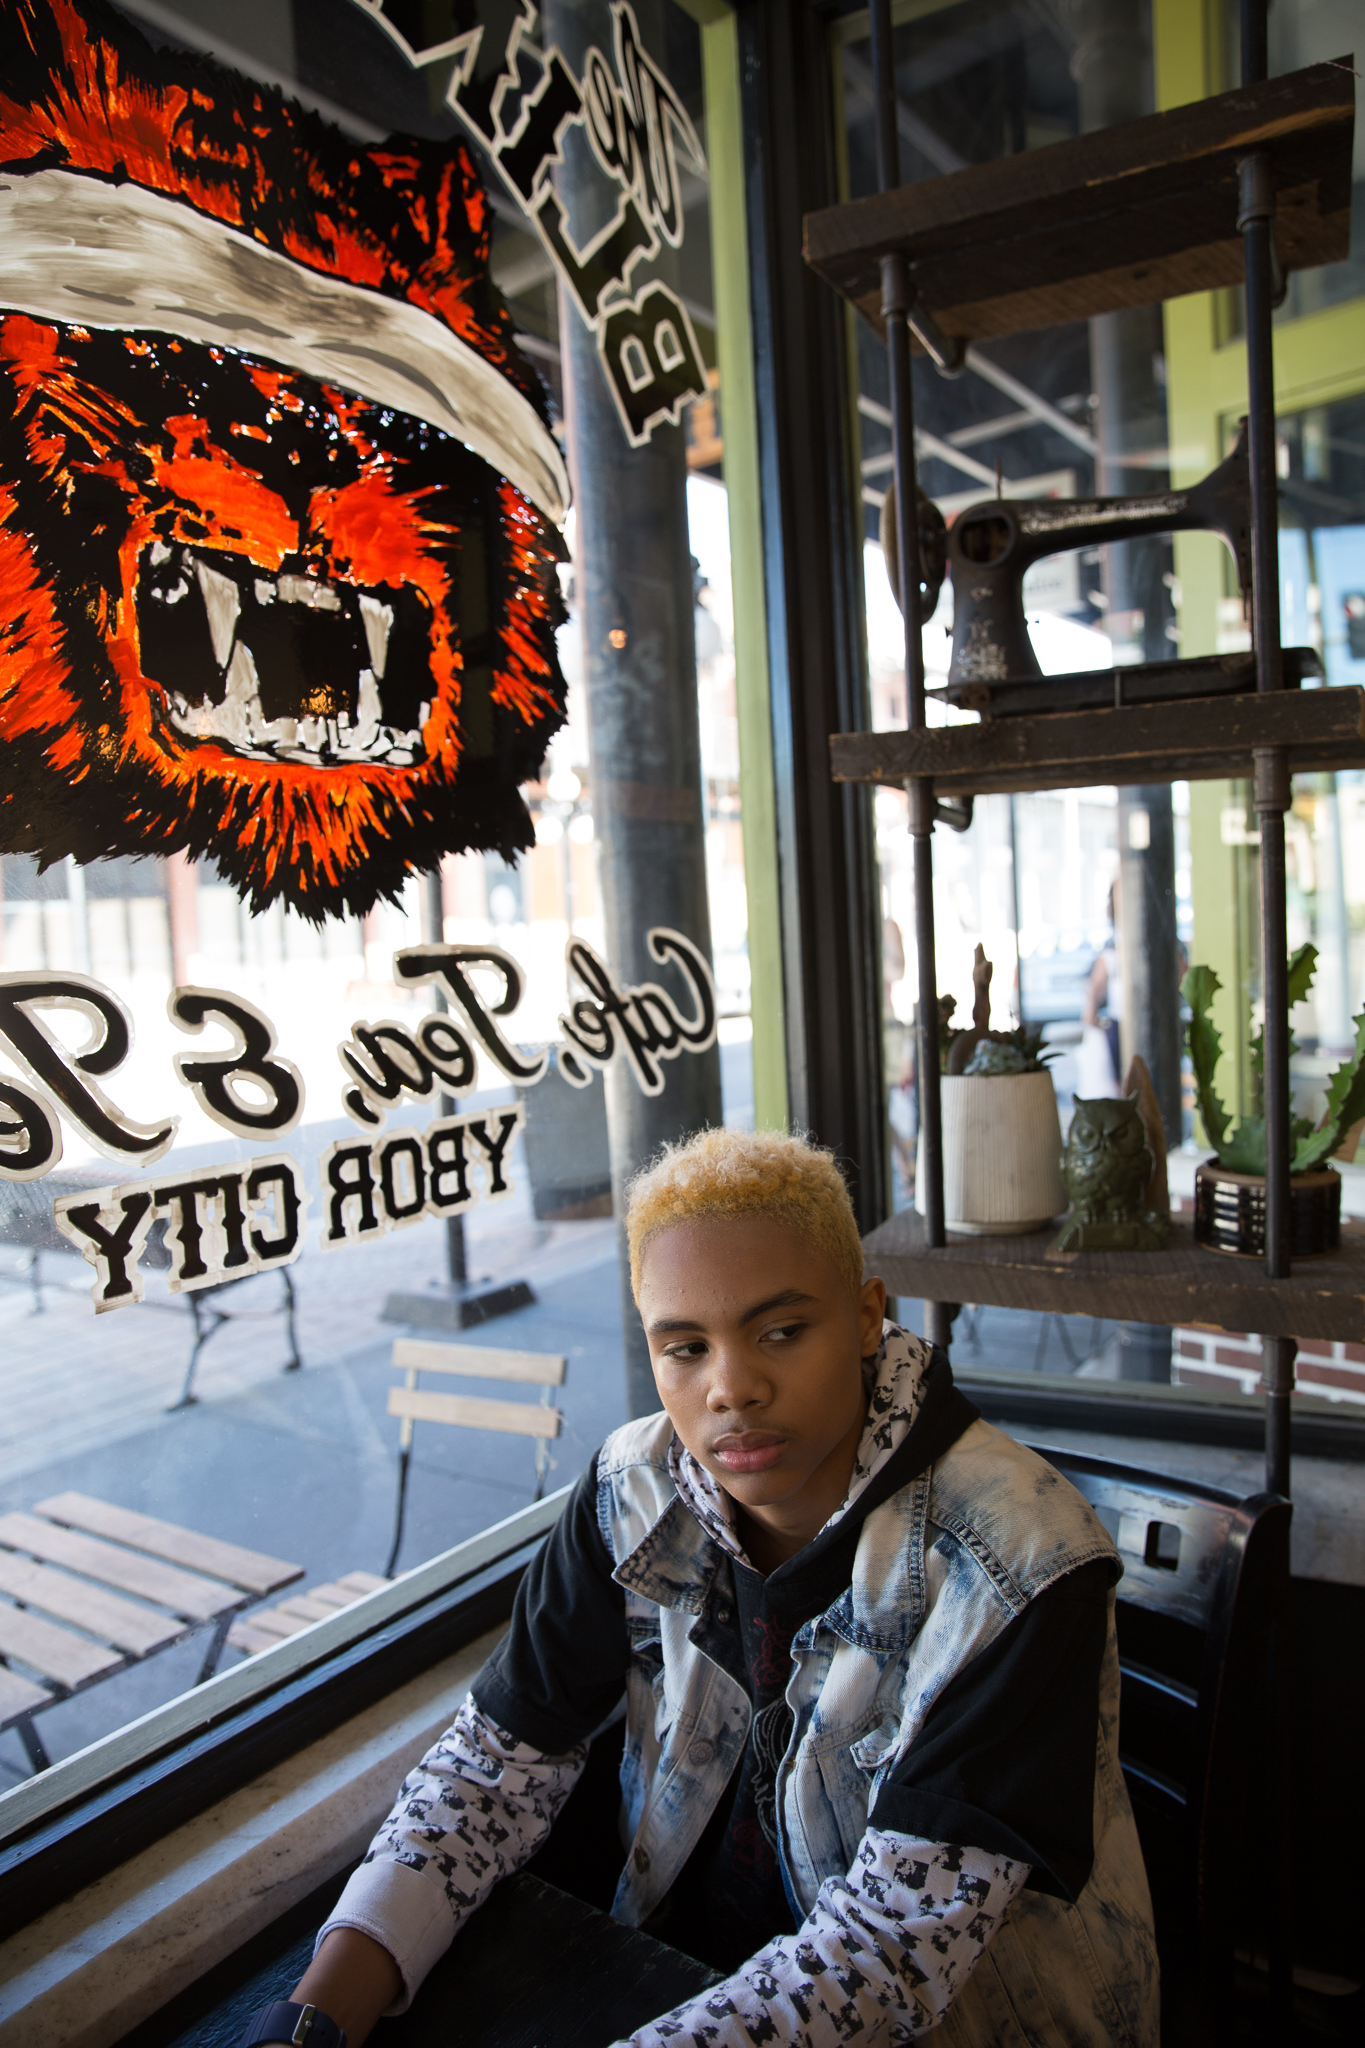 JJosh, 7 Years, Seven Years, R&B Art